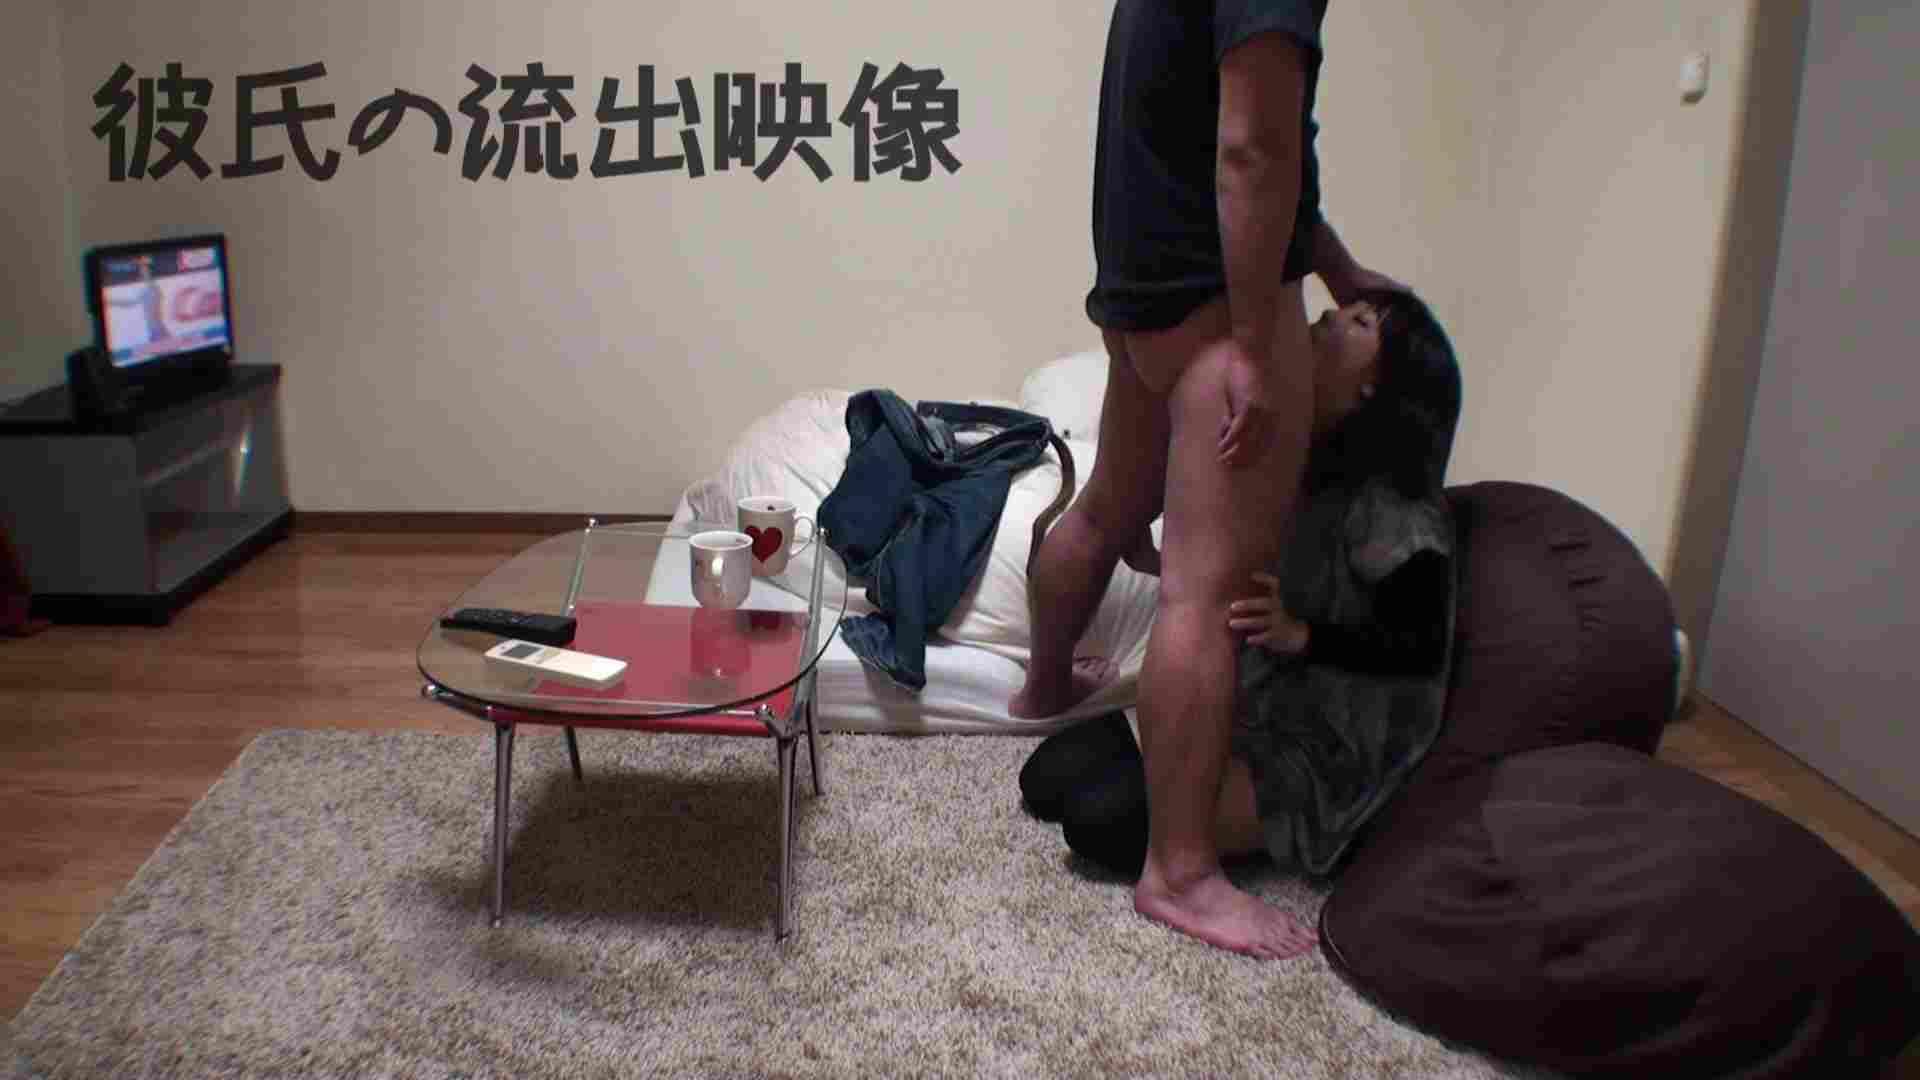 彼氏が流出 パイパン素人嬢のハメ撮り映像02 パイパン娘 | 素人ギャル女  90連発 19